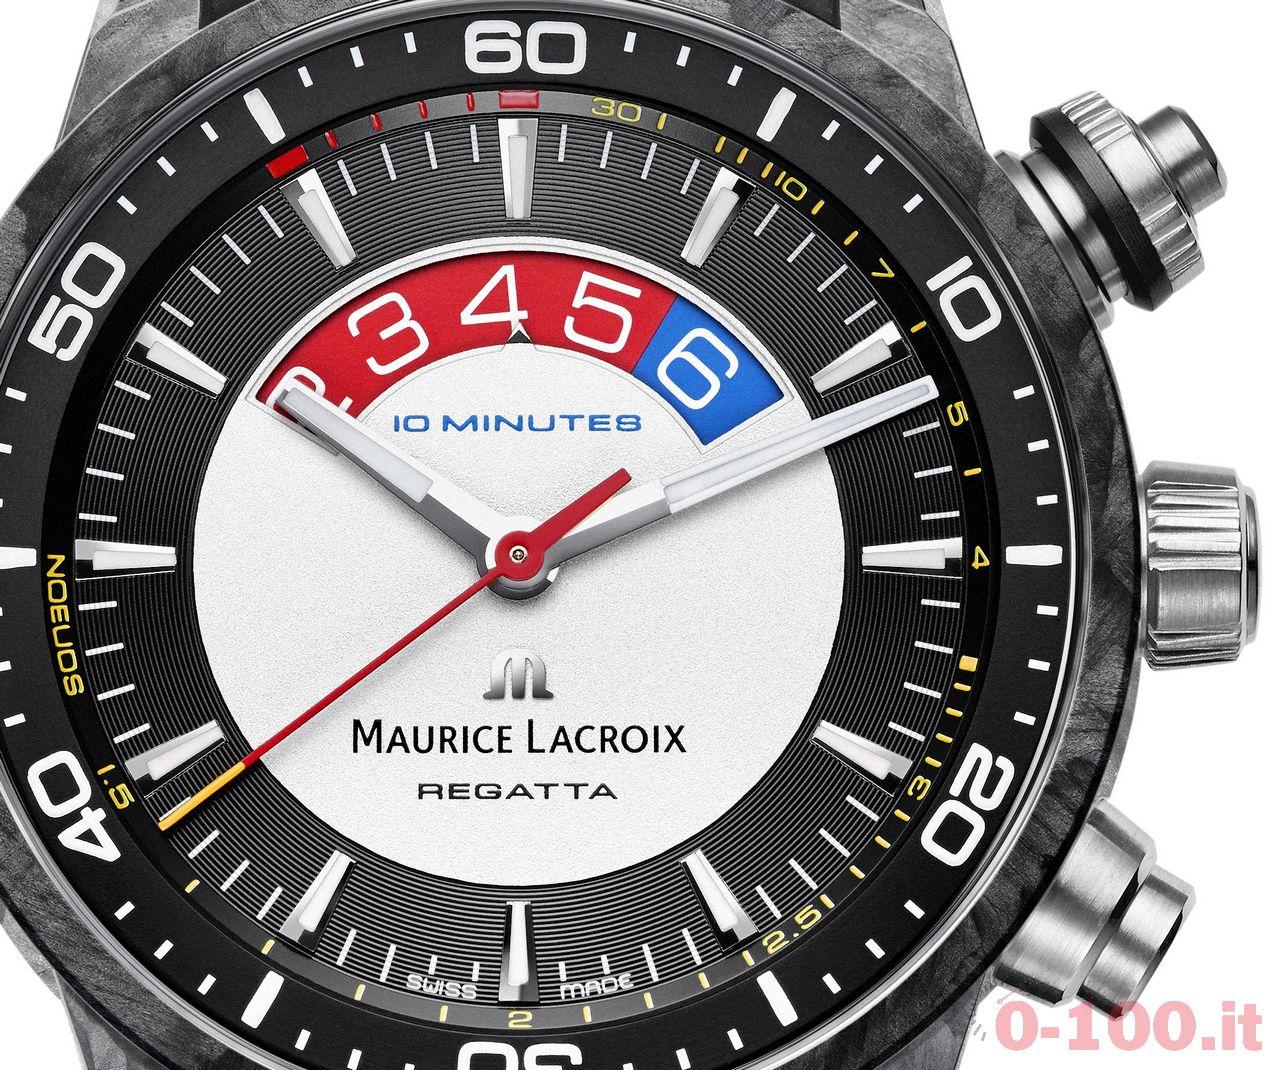 maurice-lacroix-pontos-s-regatta-ref-pt6019-cab01-330_0-100_2